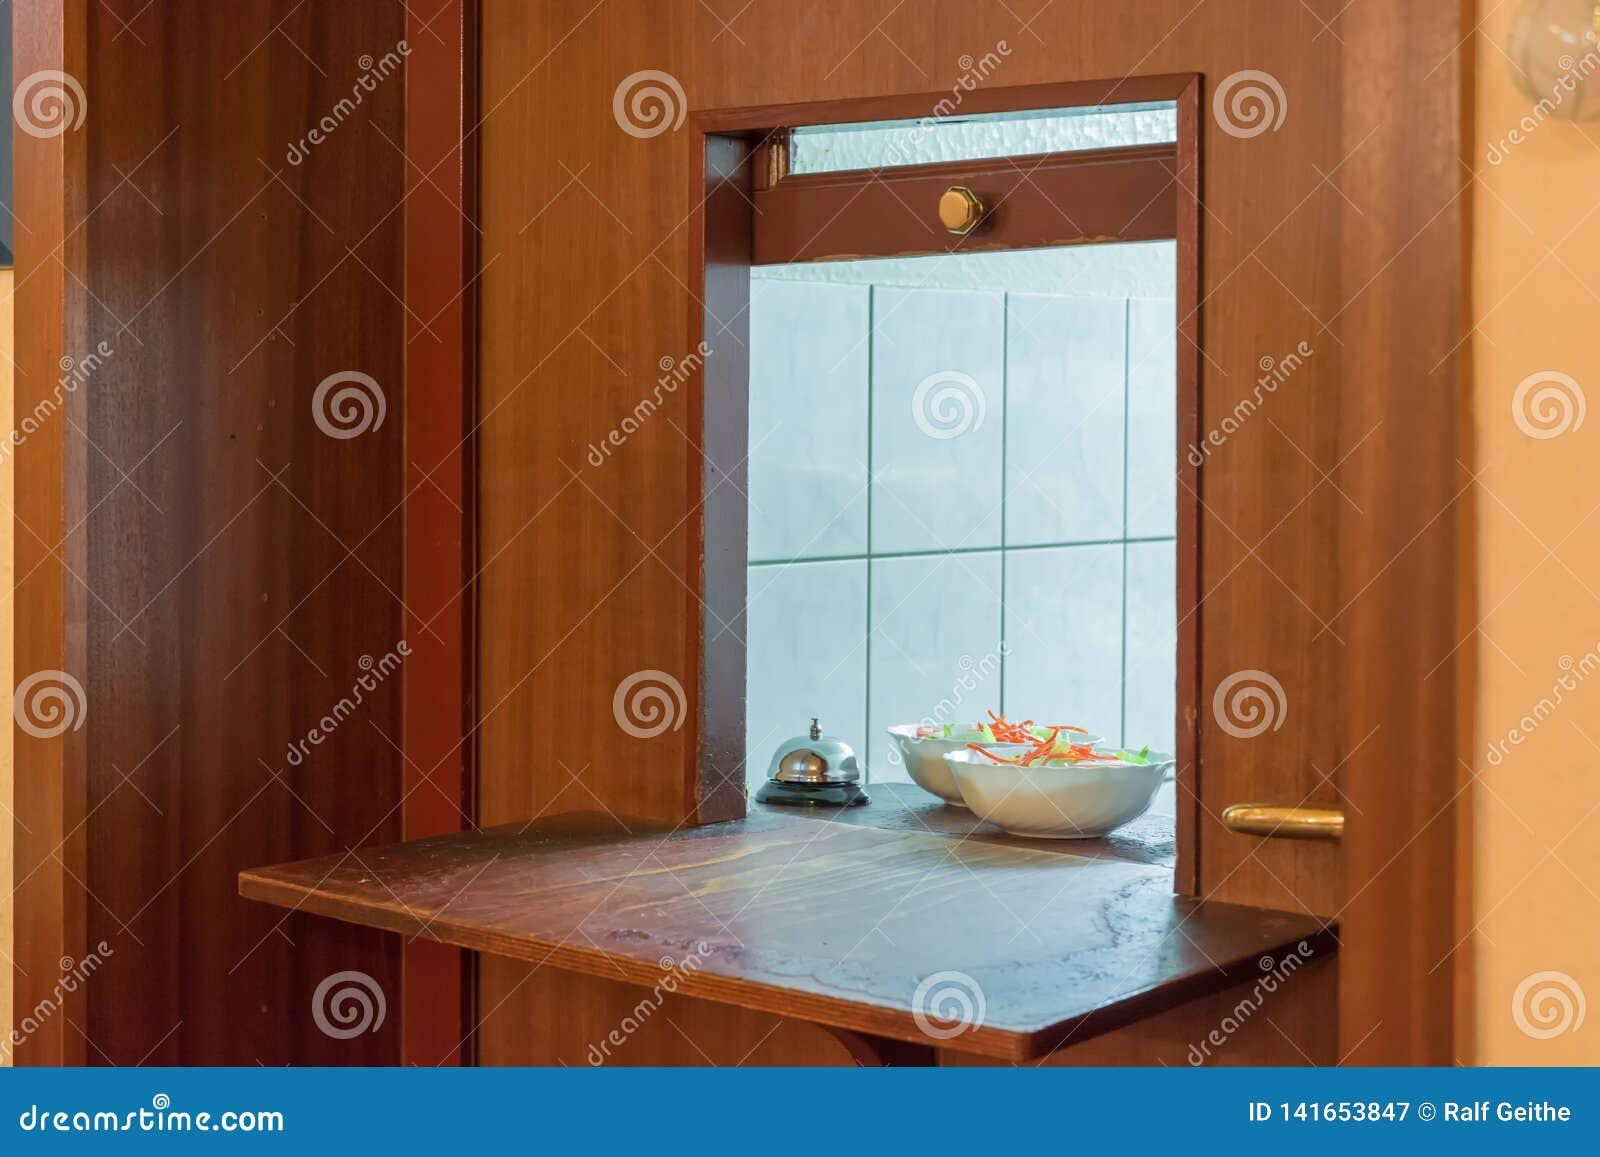 Μετάβαση σε ένα εστιατόριο με μια άποψη της κουζίνας